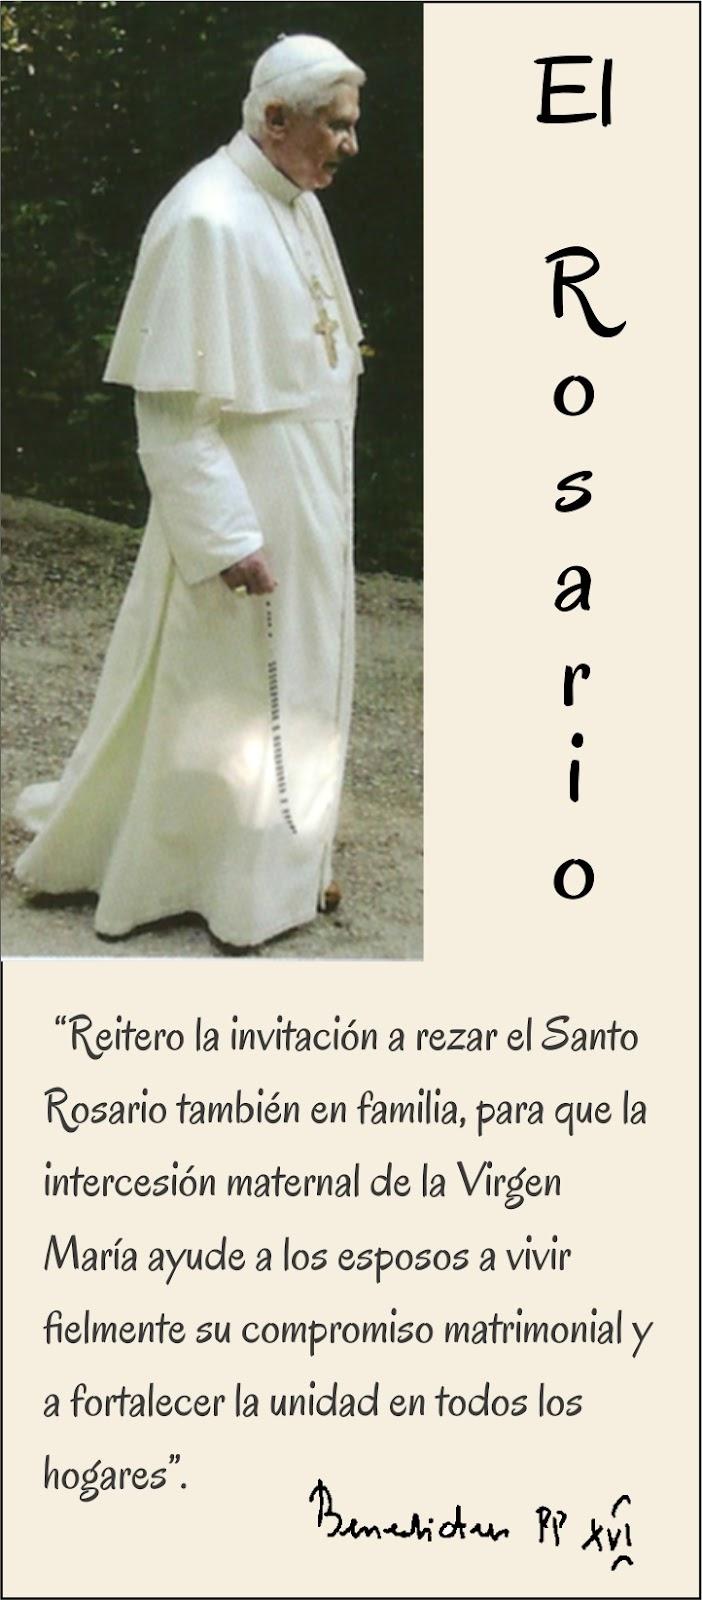 Tarjetas y oraciones catolicas frases del rosario benedicto xvi thecheapjerseys Choice Image